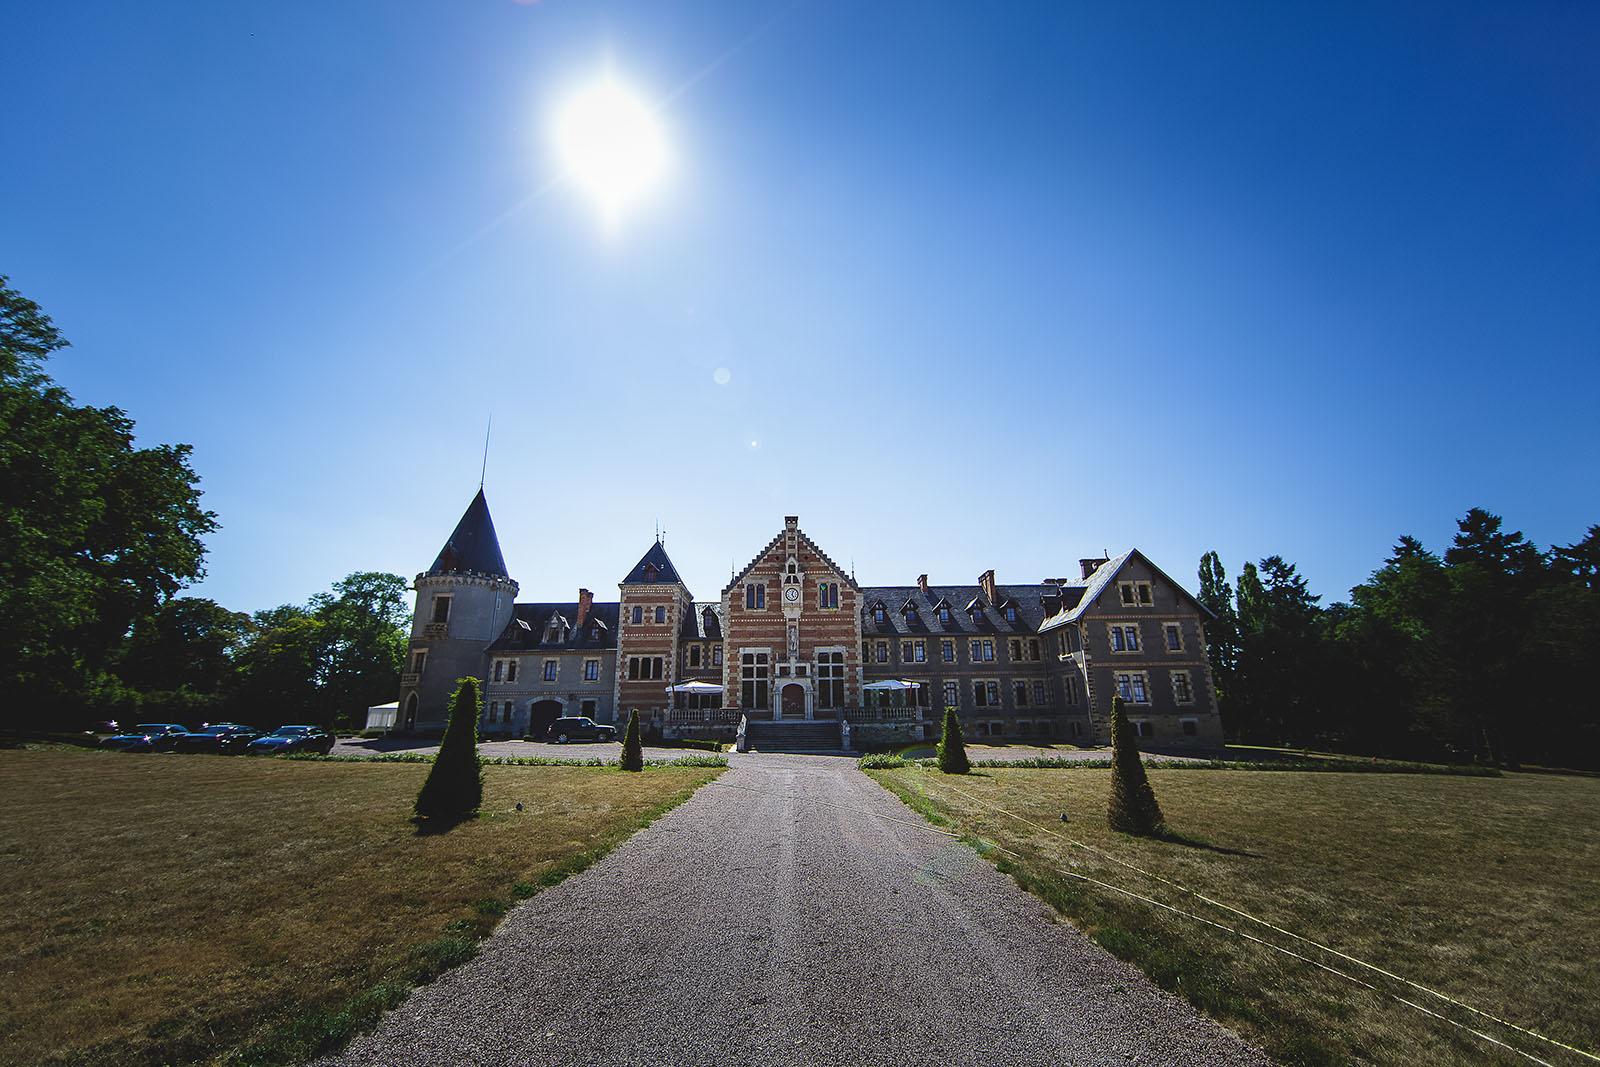 Mariage au Château de Beguin David Pommier photographe de mariage. Le château vu de dehors par un beau soleil